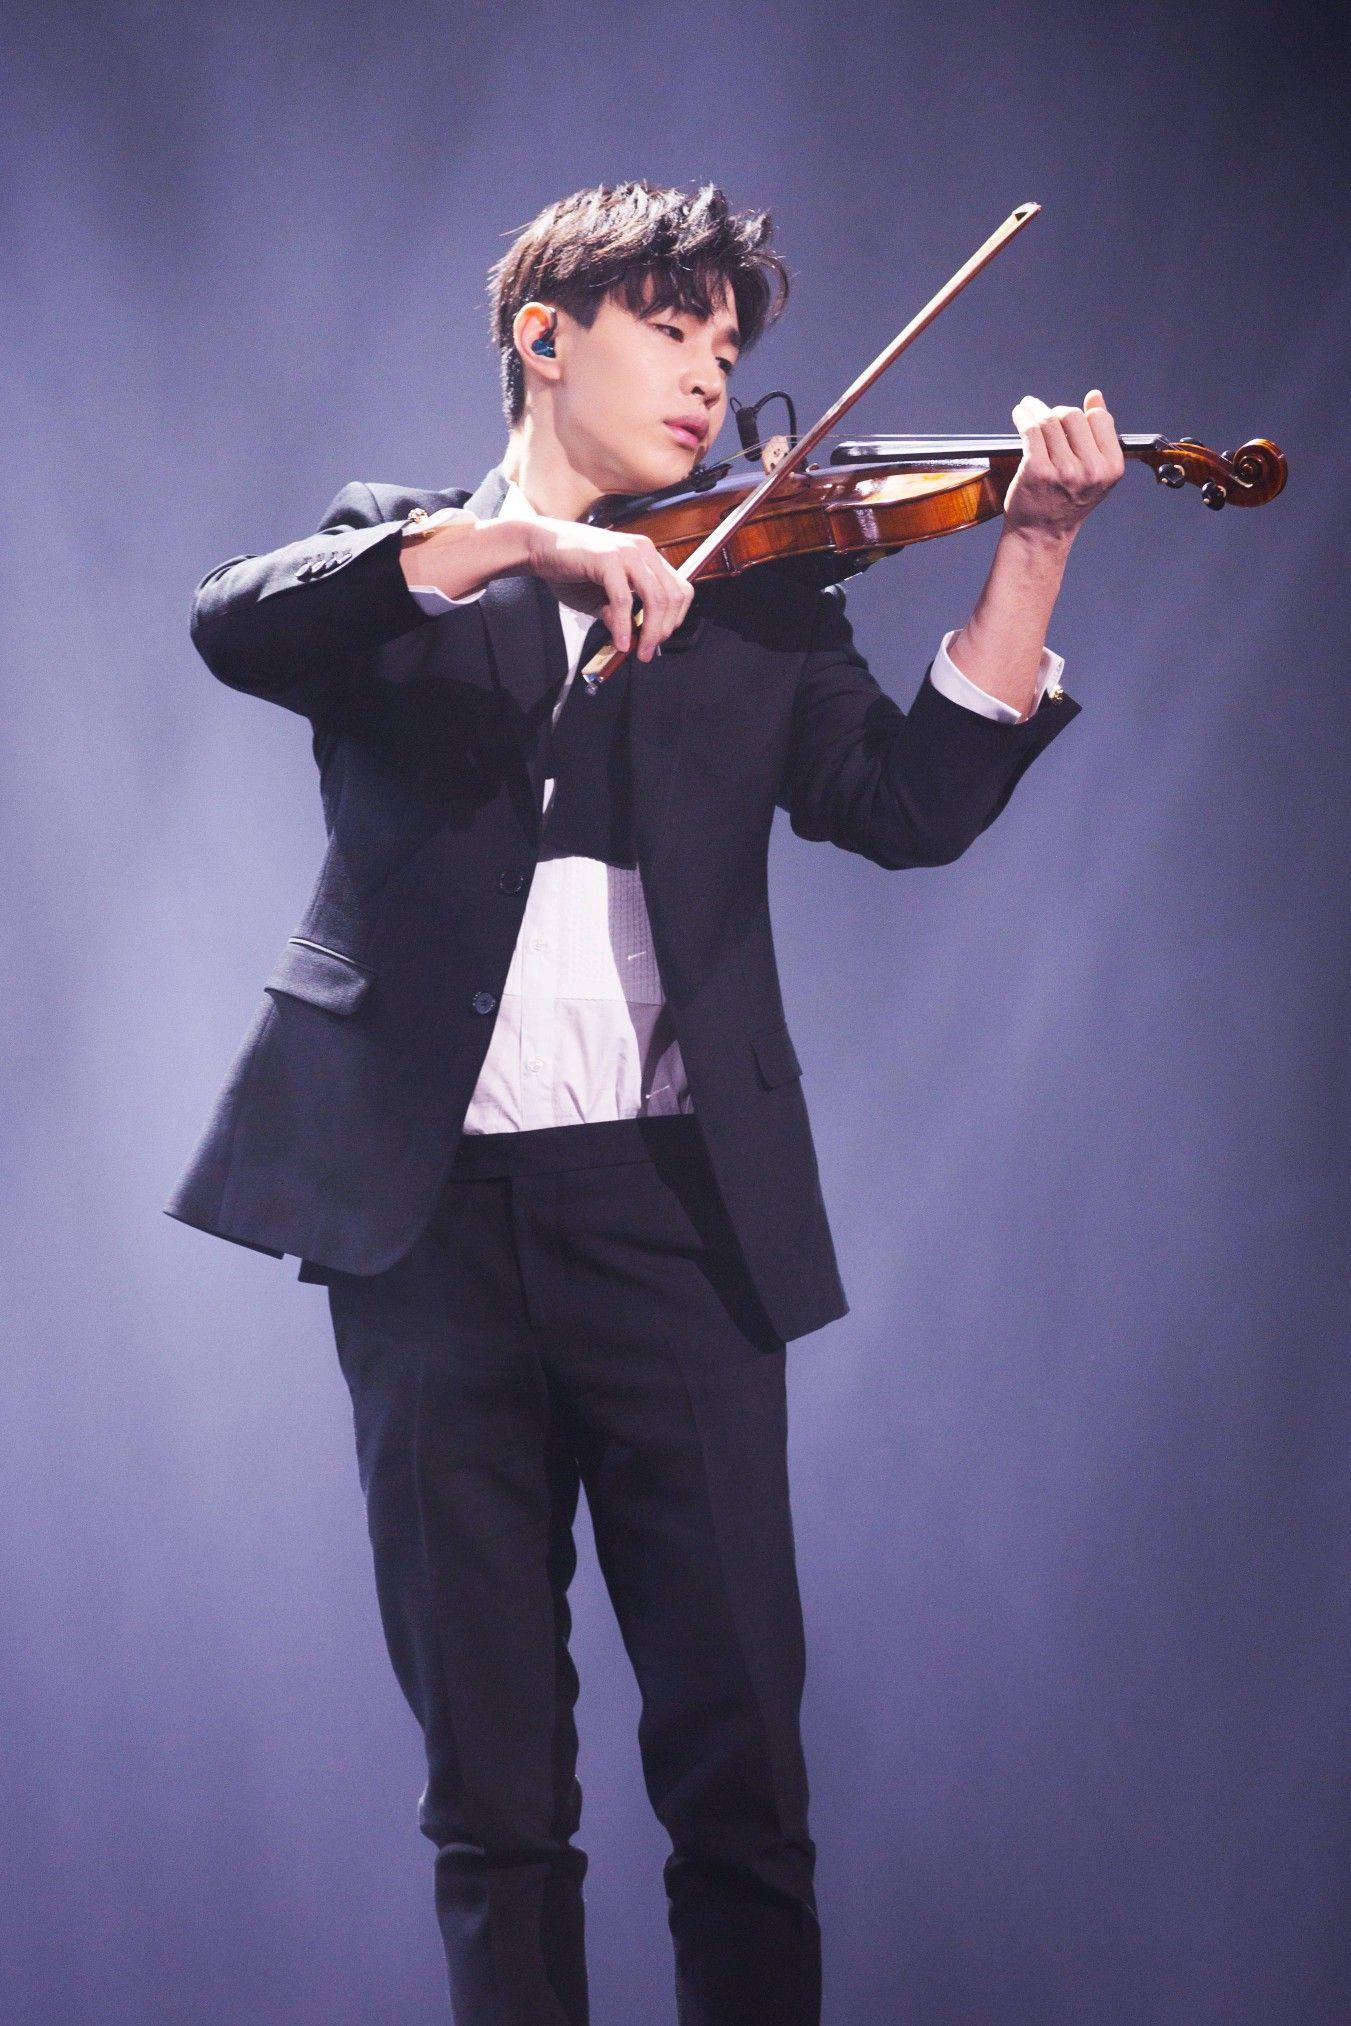 Henry Lau K pop K drama in 2019 Henry lau Lee donghae 1351x2026